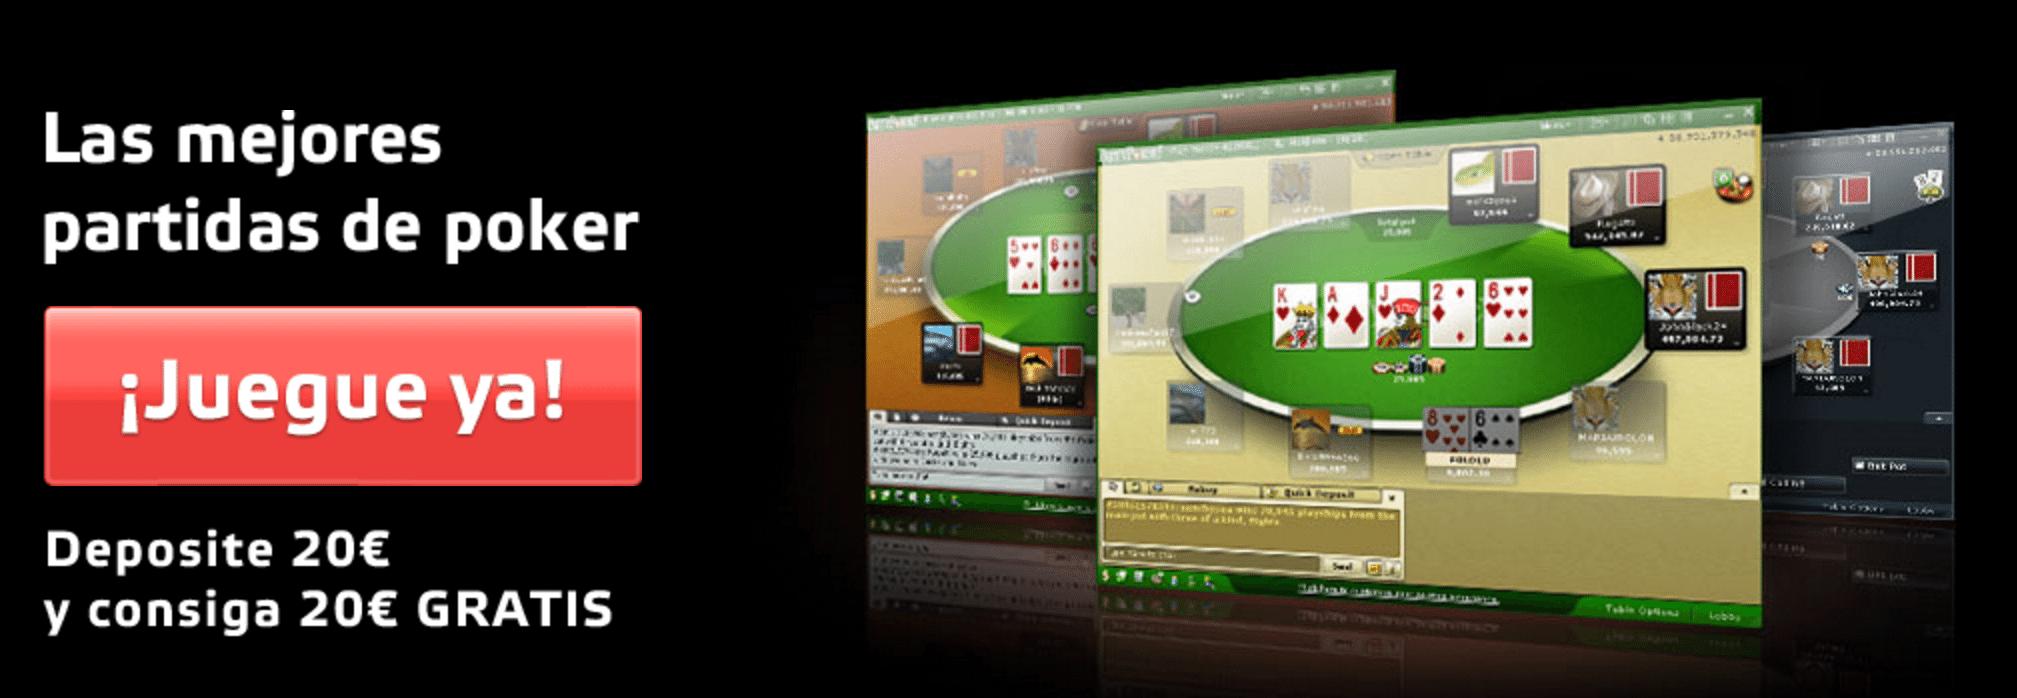 Bono MarcaApuestas mejores salas de poker online 2019 - 52102